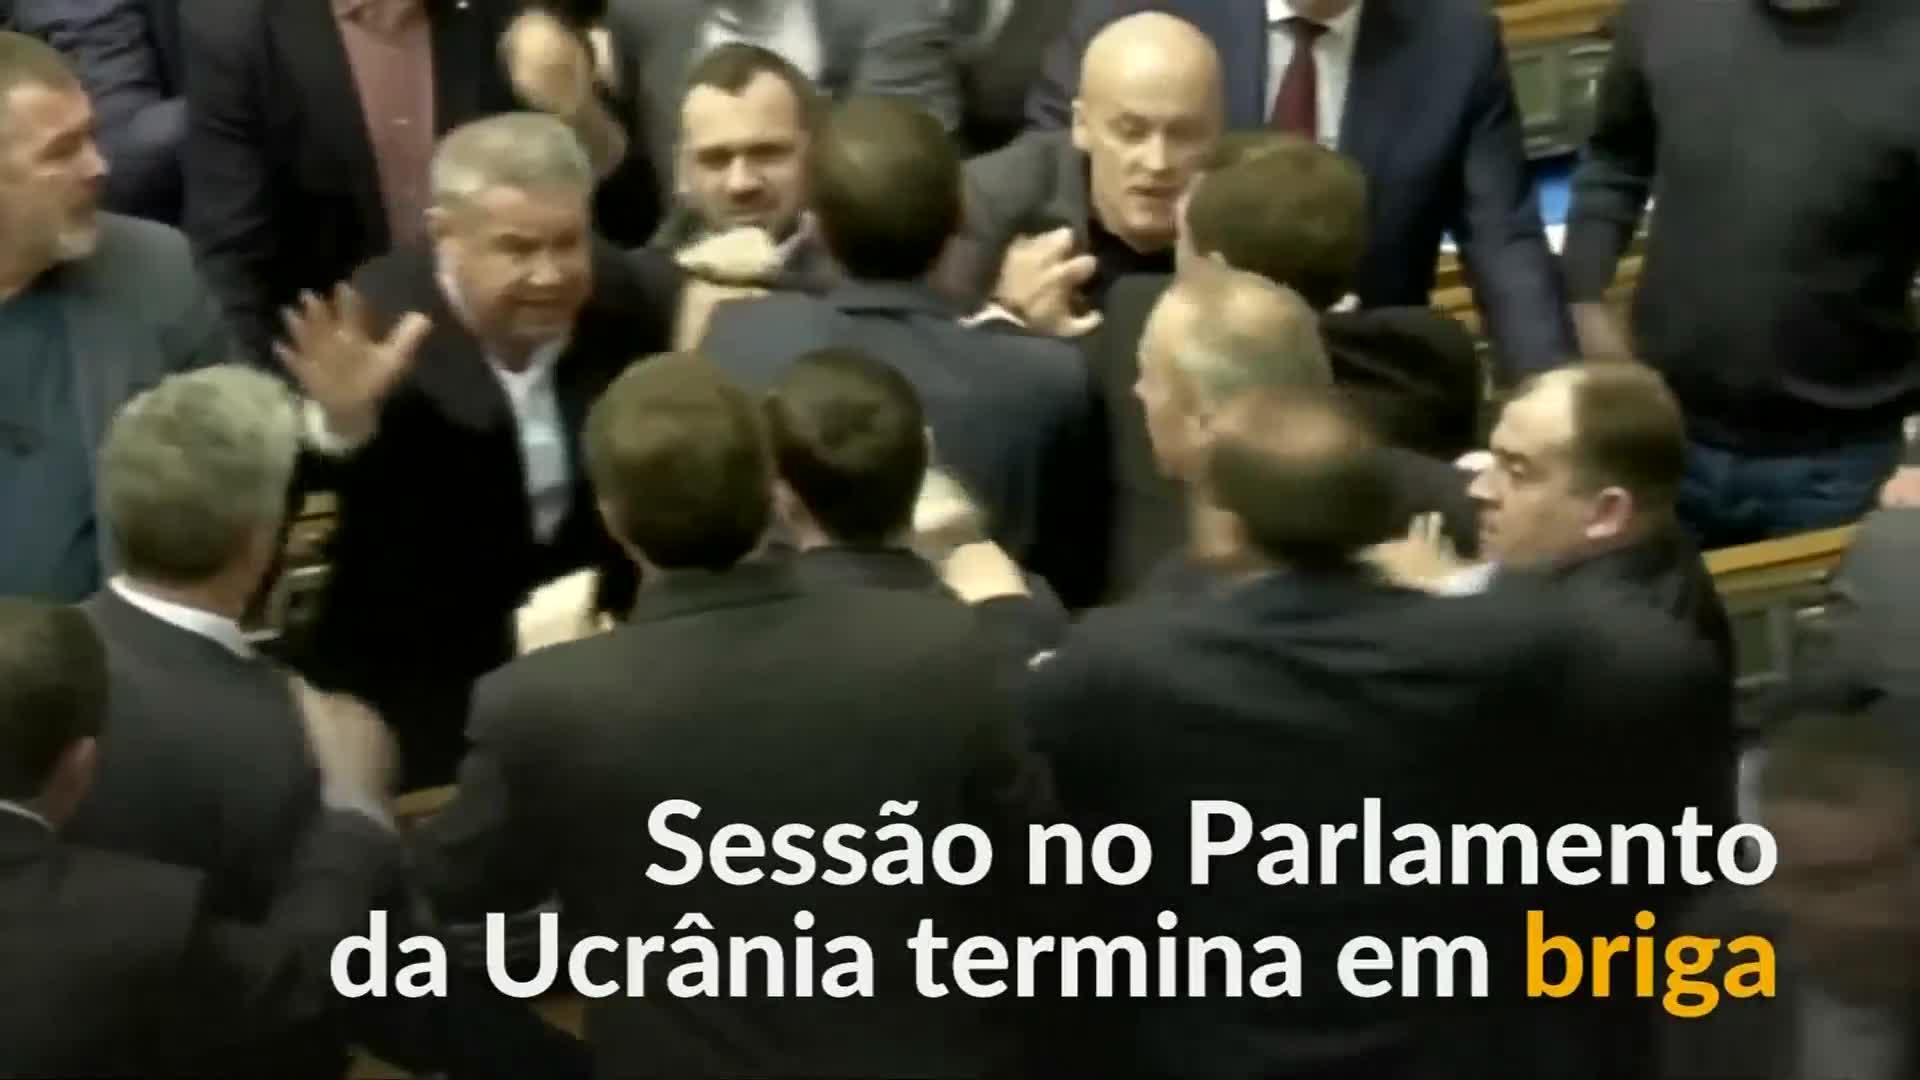 Deputados trocam socos em parlamento ucraniano not cias for Streaming parlamento